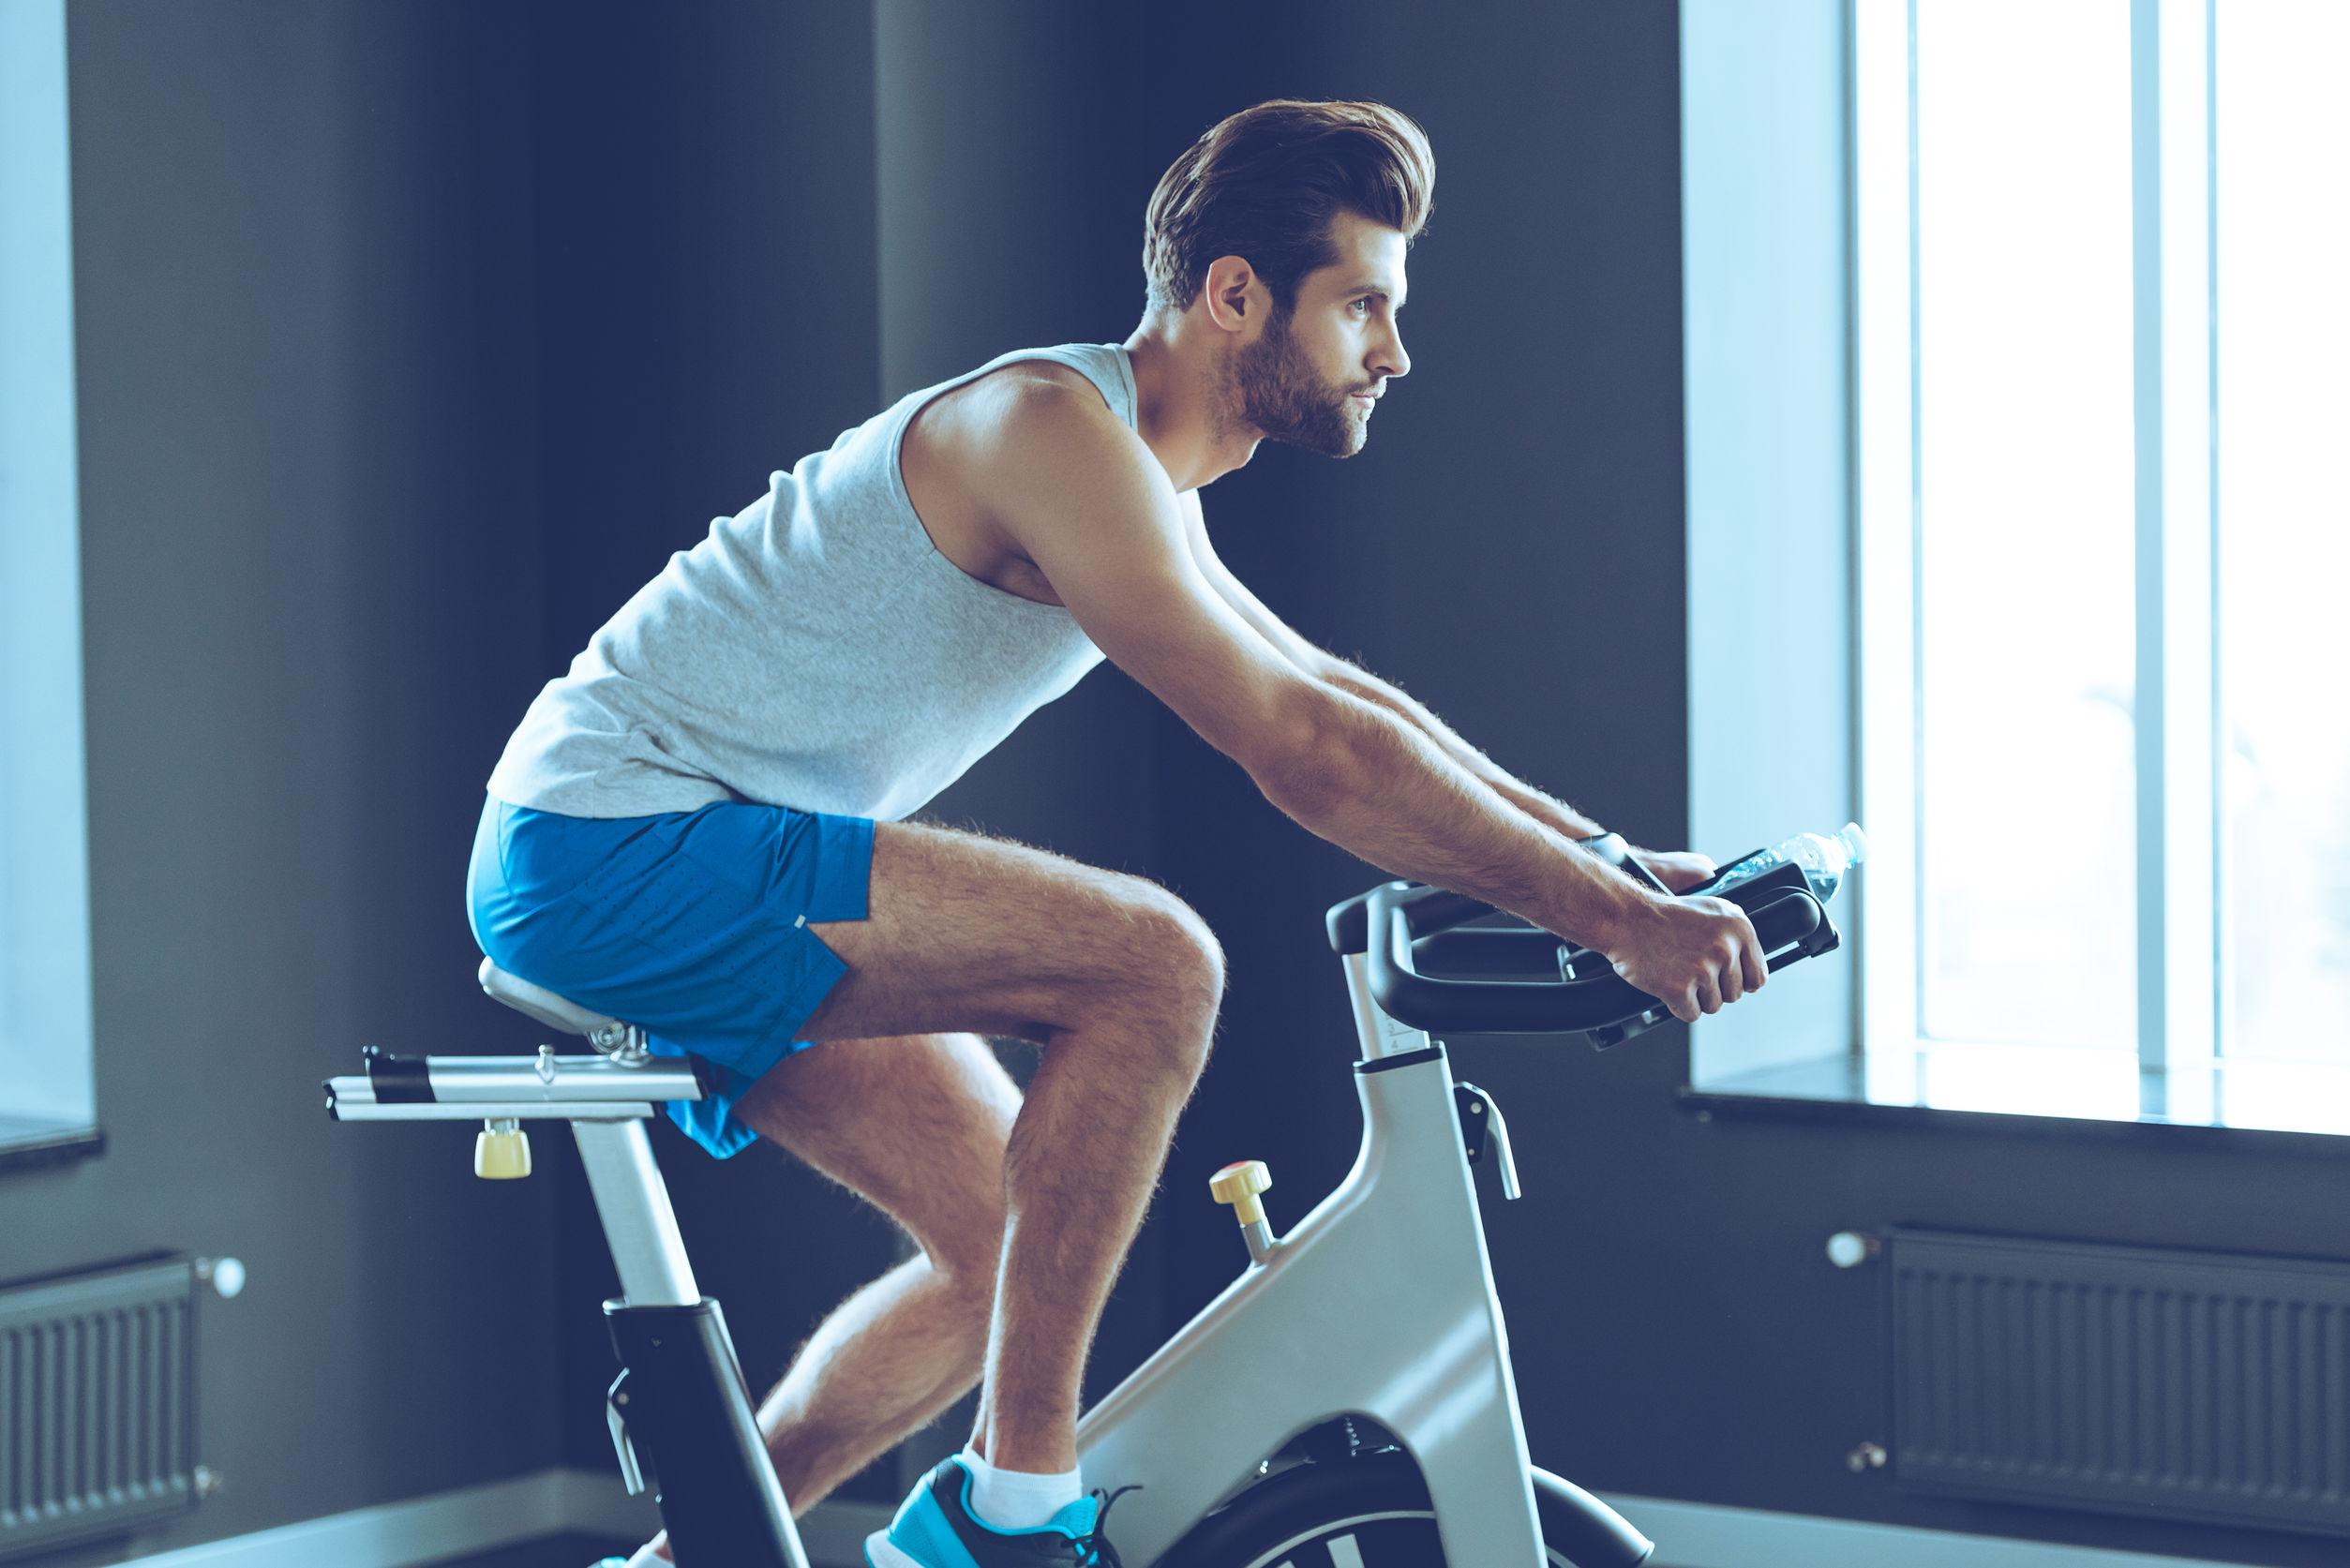 Homem sem blusa em uma academia fazendo exercício na bicicleta